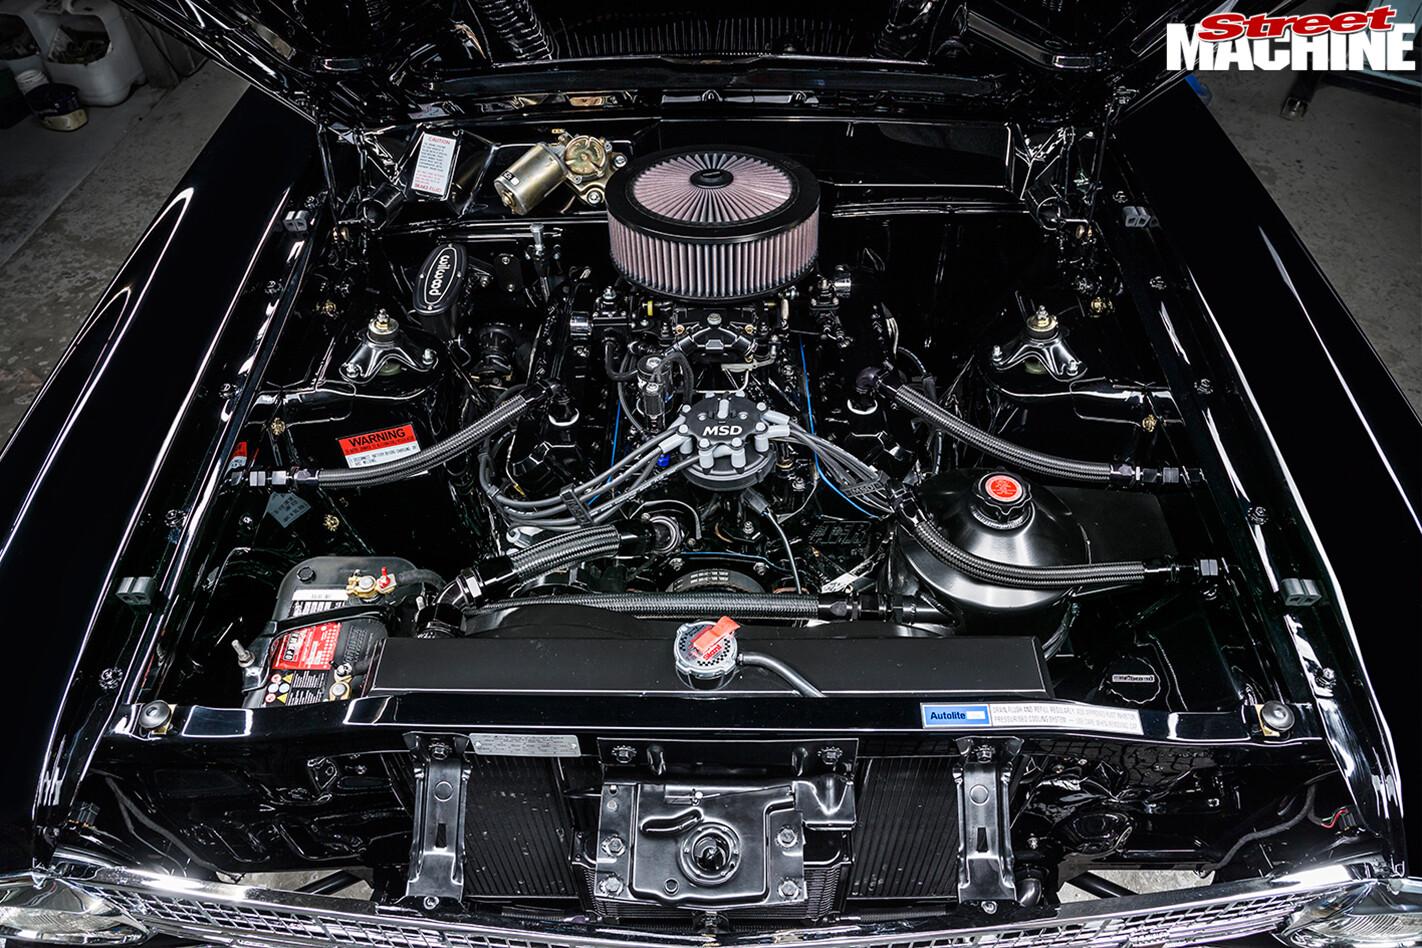 Ford -Falcon -XR-engine -bay